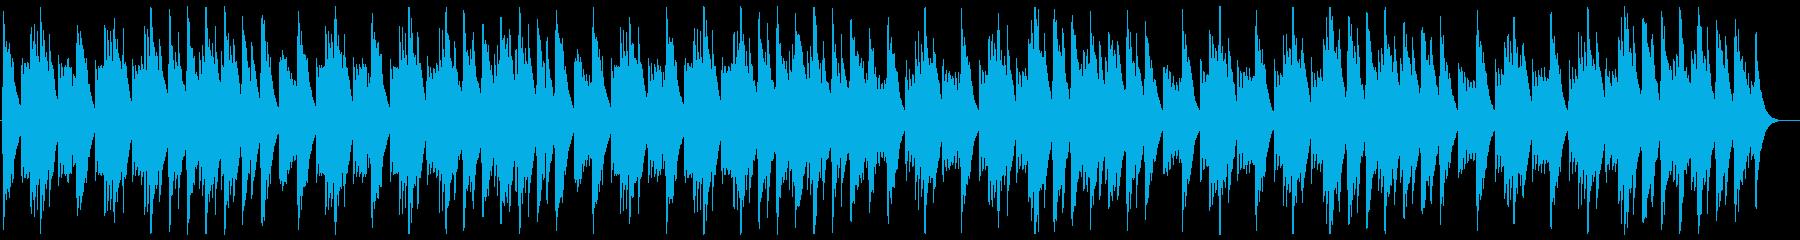 リラックスできるヒーリングミュージックの再生済みの波形